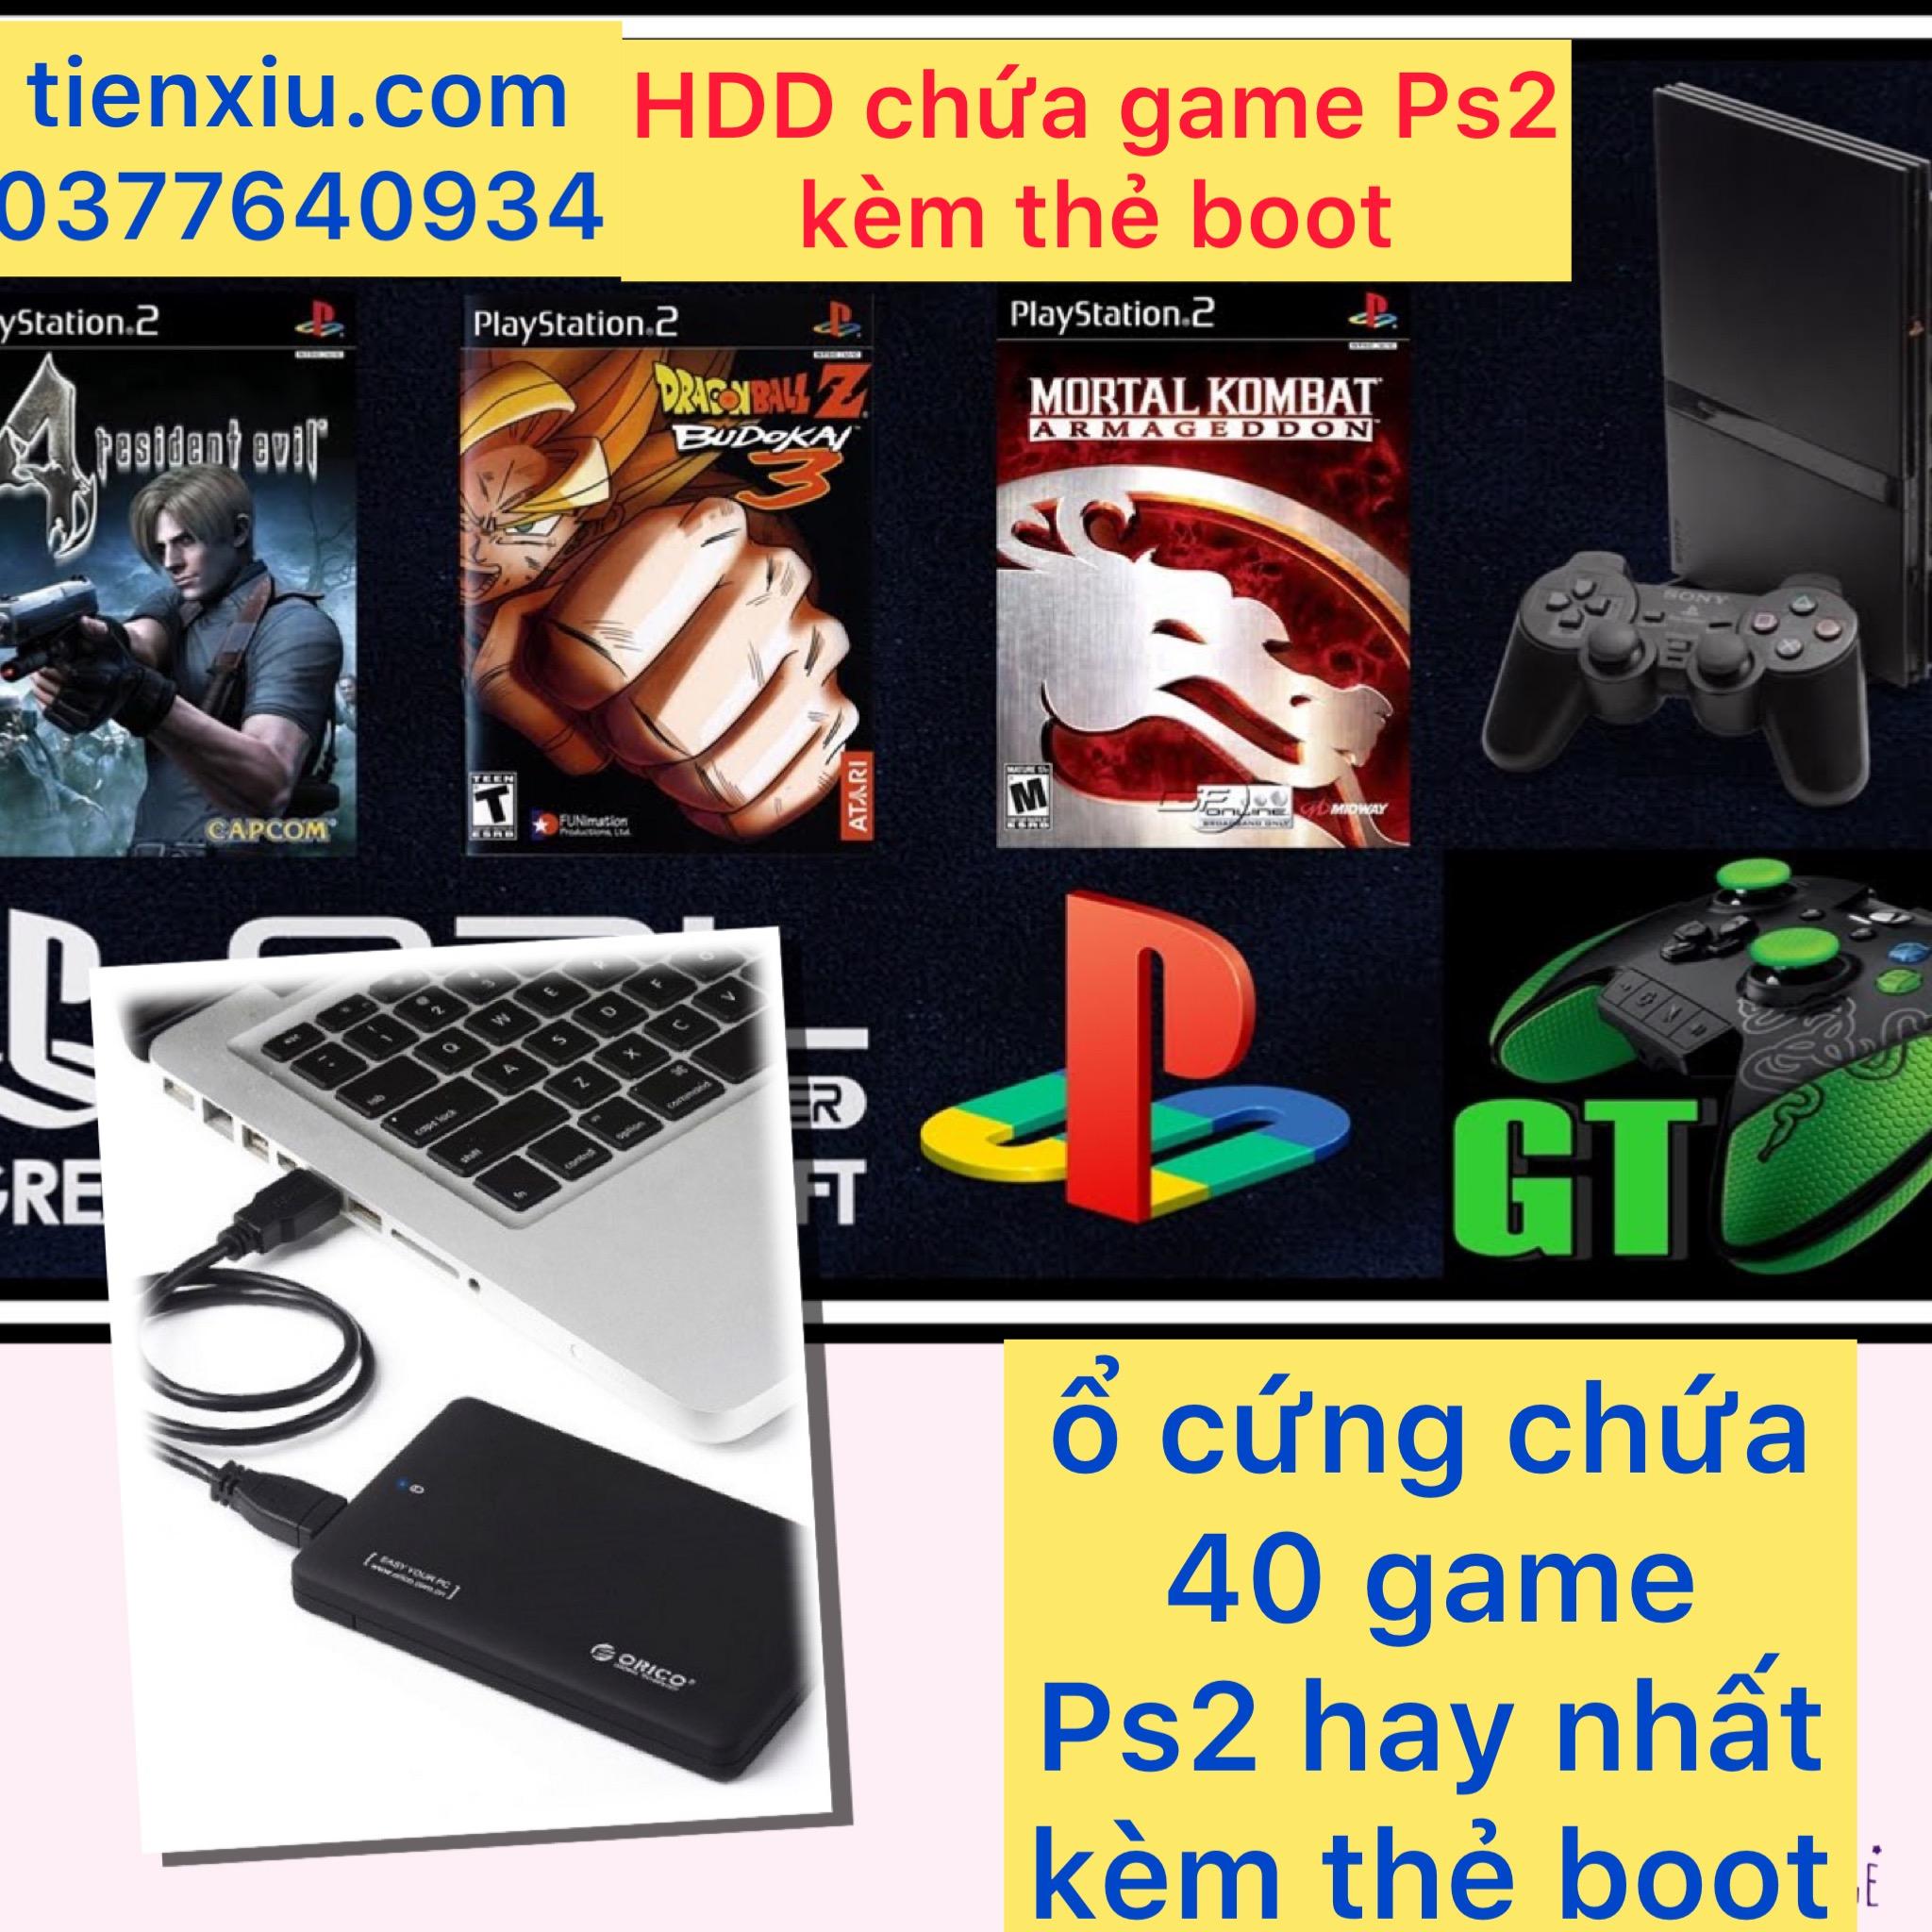 ổ cứng game Ps2 kèm usb boot chứa game ps2 4 nút 6 nút